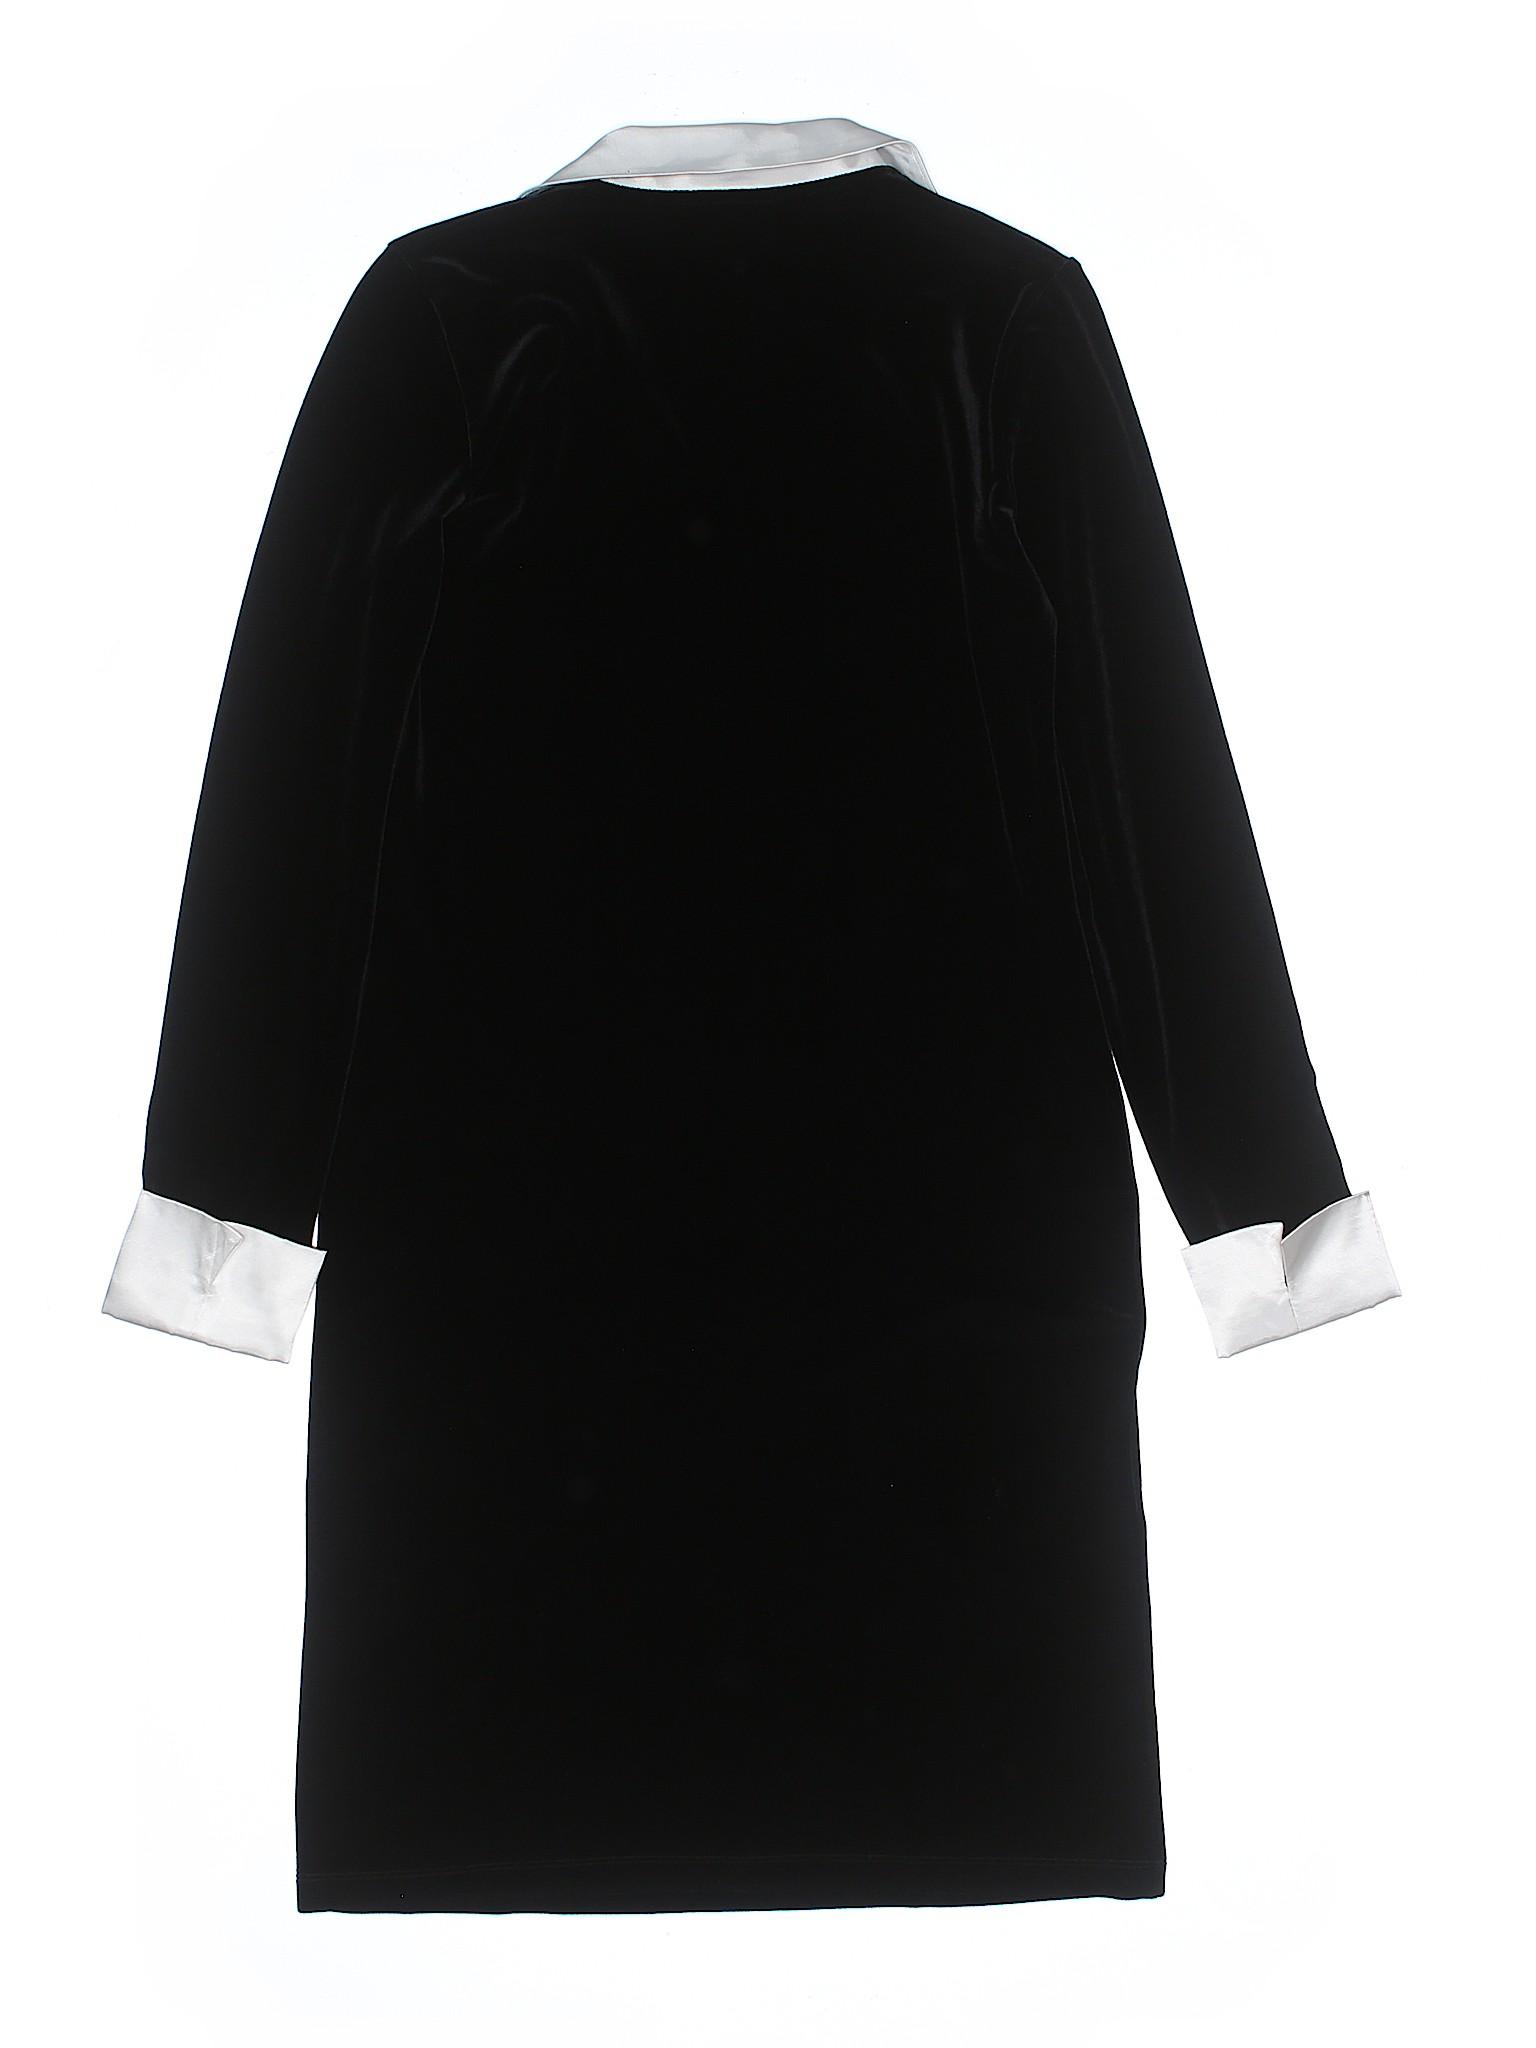 Casual Dress Willi Boutique Smith winter twR1Cnxq7